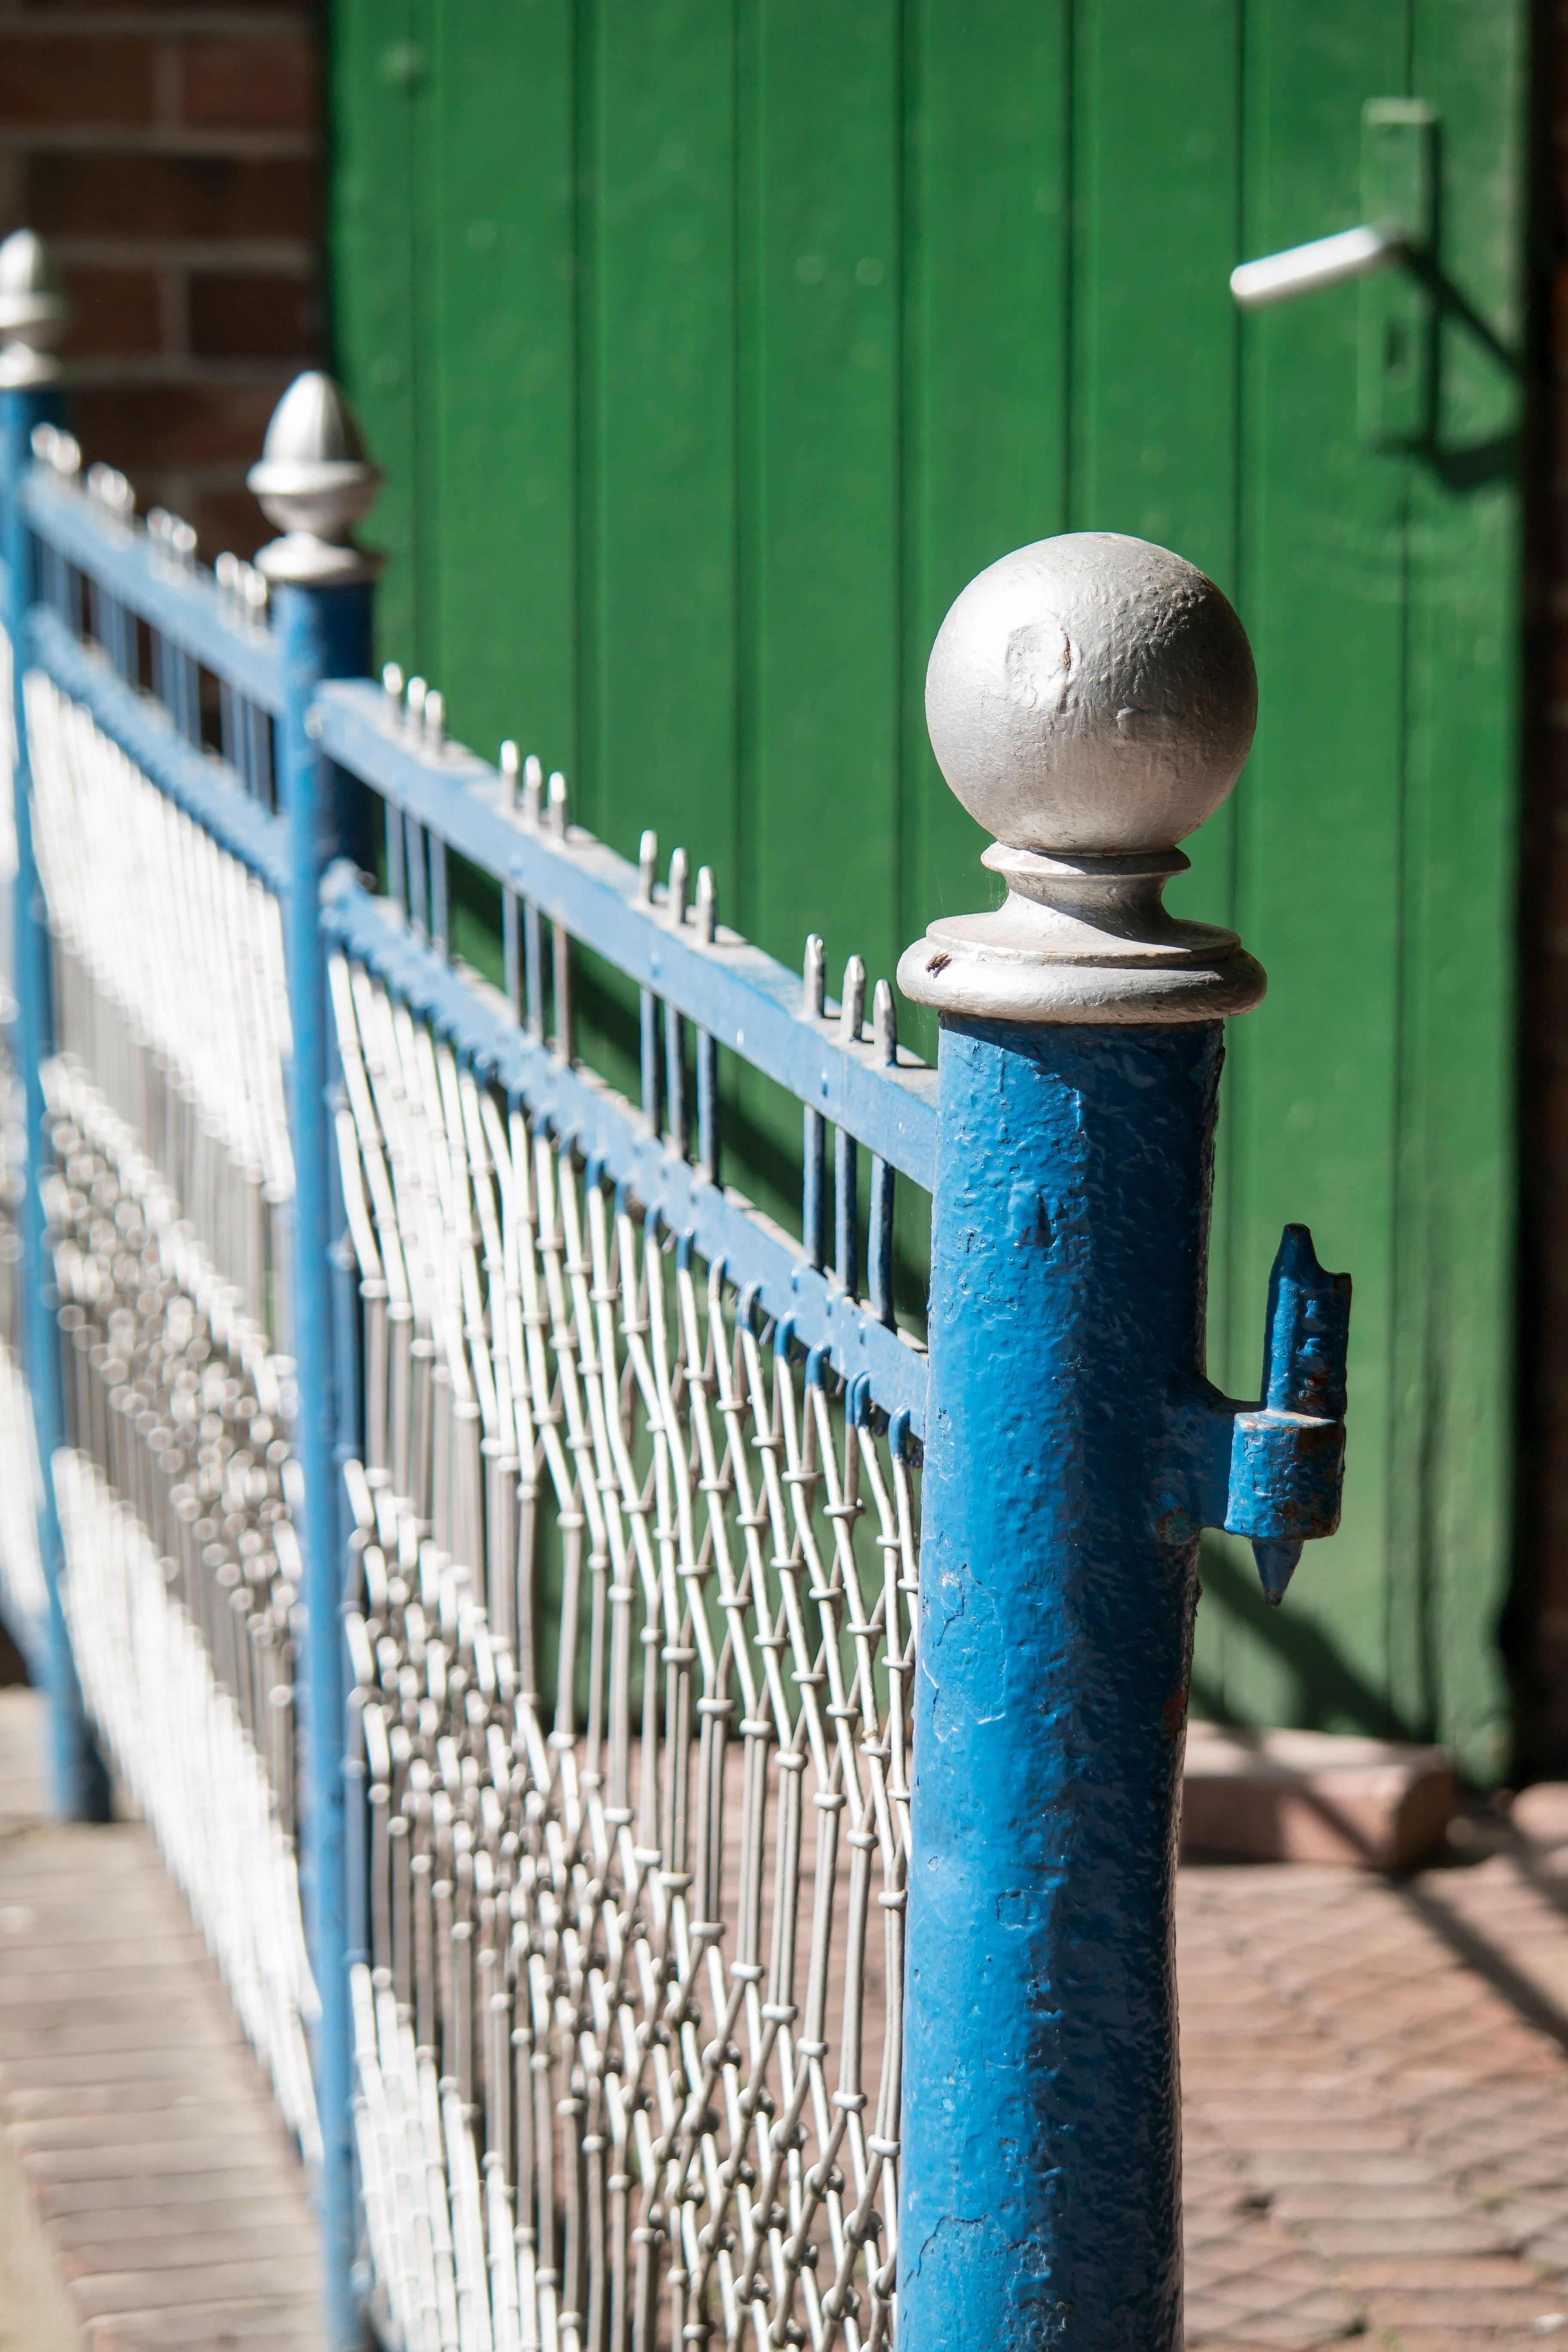 Fotos gratis : agua, enviar, pared, pila, verde, pilar, color, azul ...